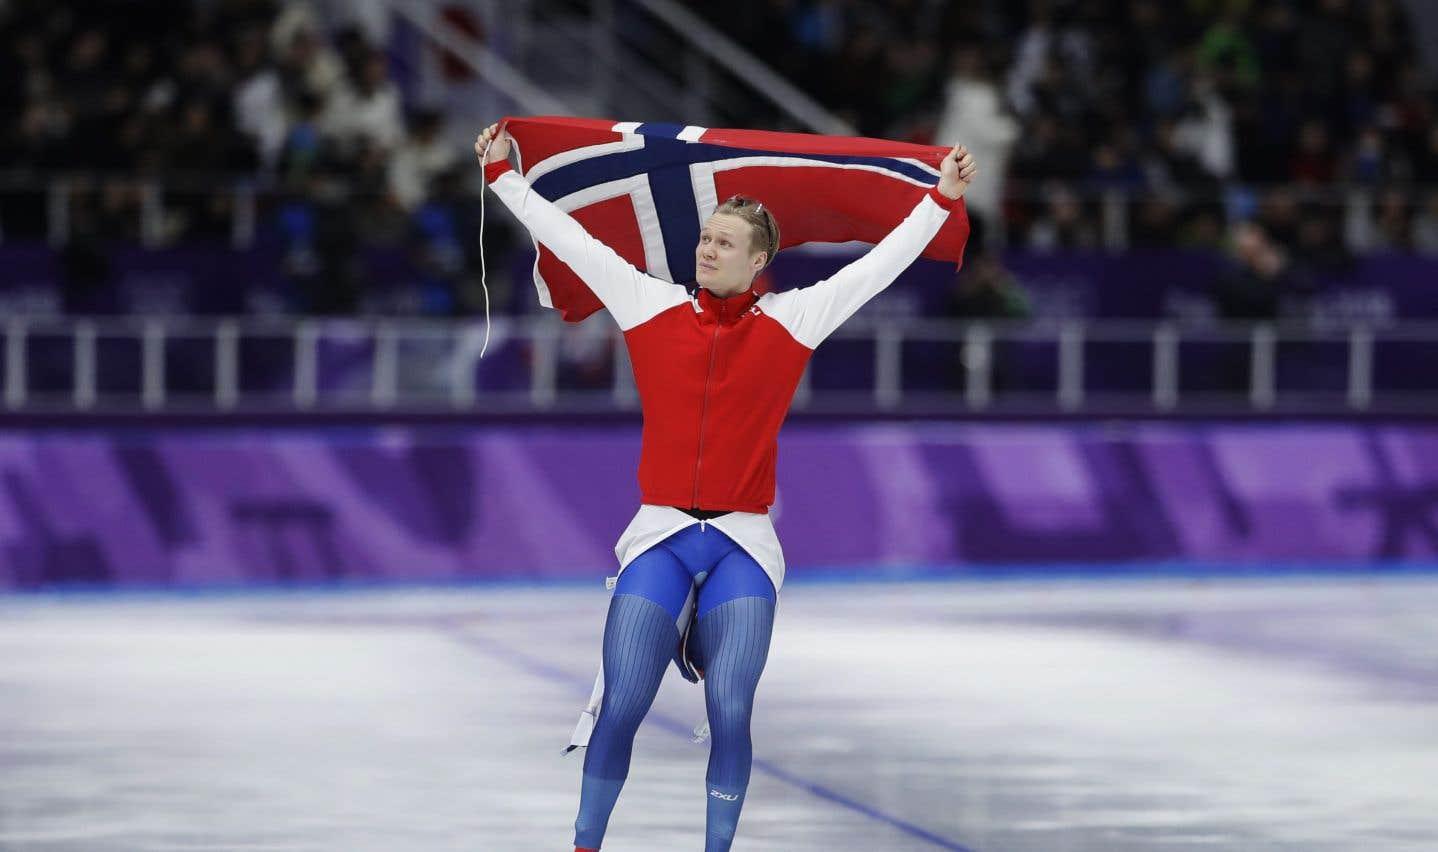 Le Norvégien Havard Lorentzen